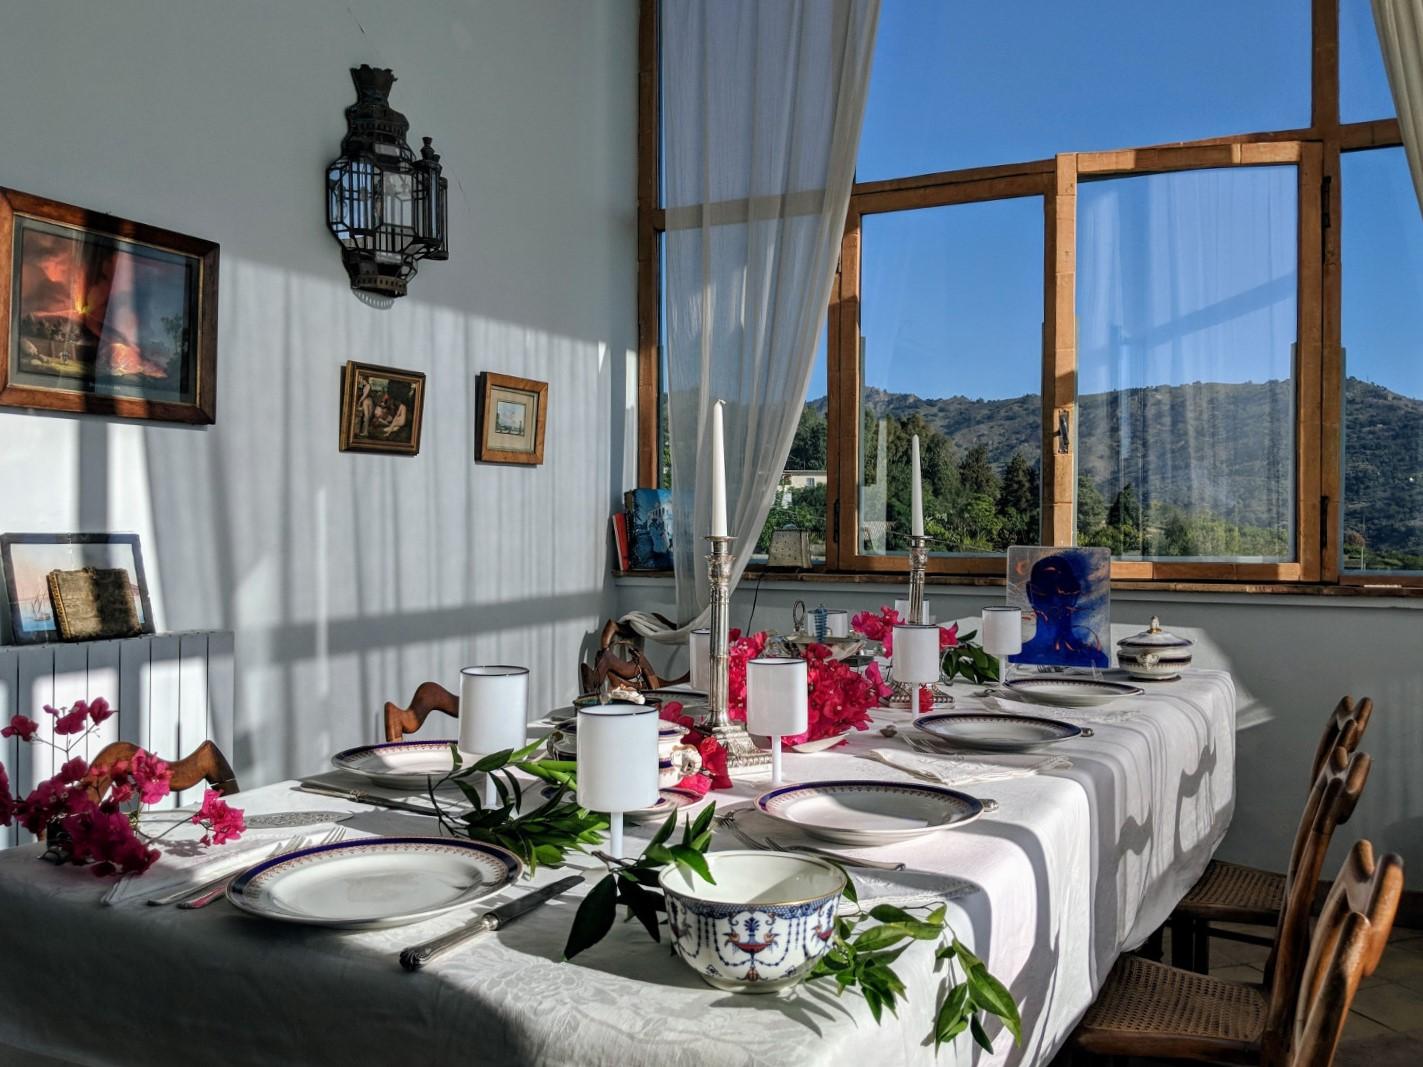 14 dining wide2 villa ama sicily.jpg